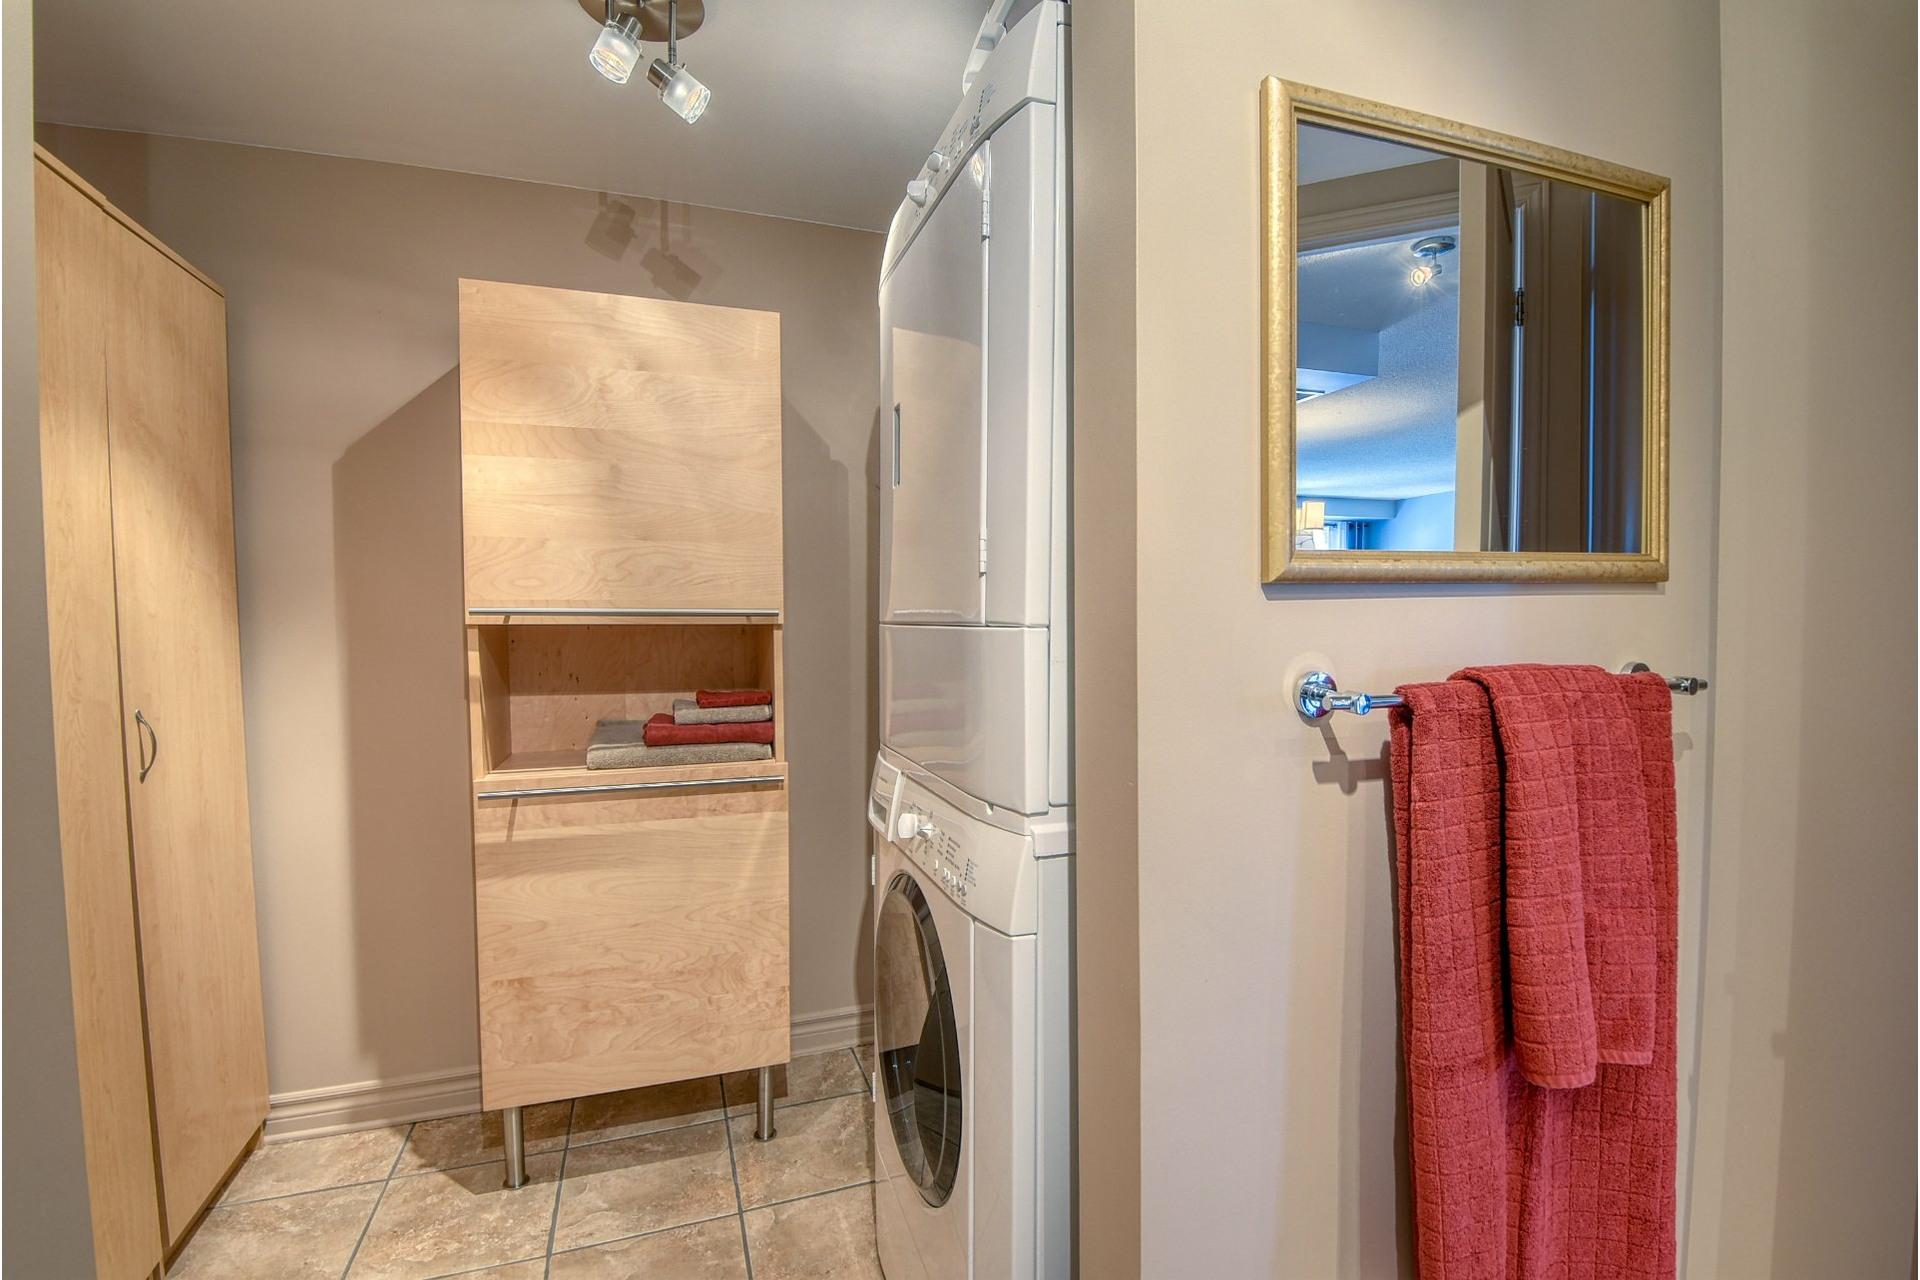 image 14 - Appartement À vendre Montréal-Nord Montréal  - 4 pièces